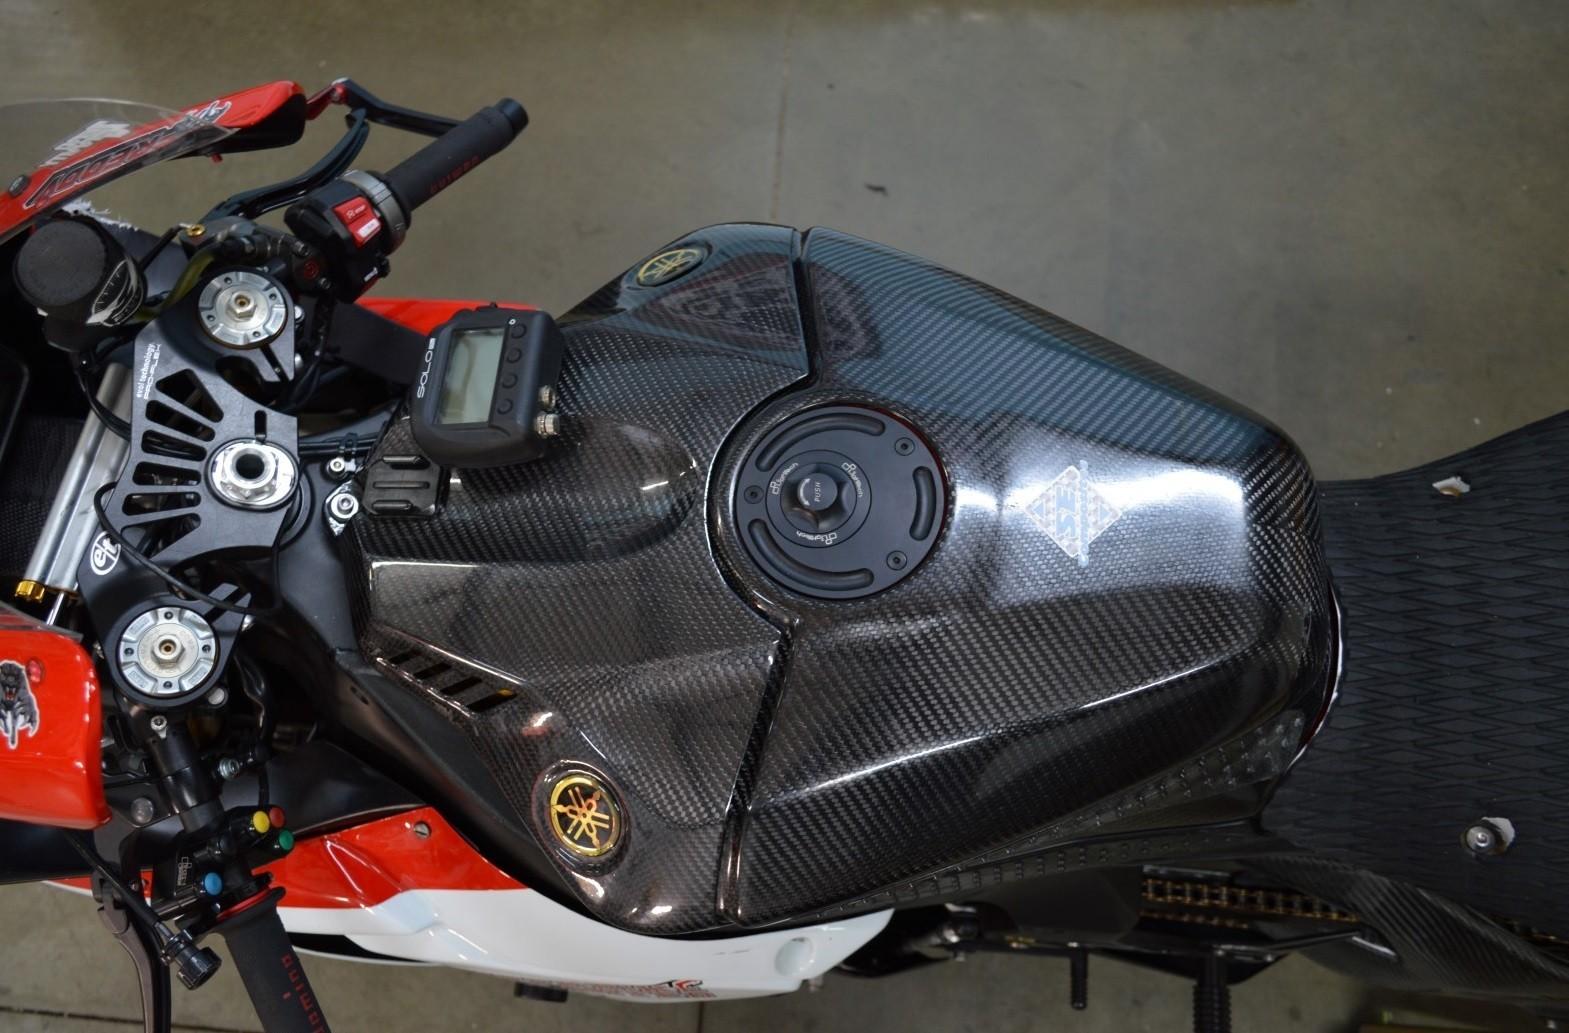 SE Moto 2015-19 Yamaha YZF-R1 V2 Tank Shroud / Cover